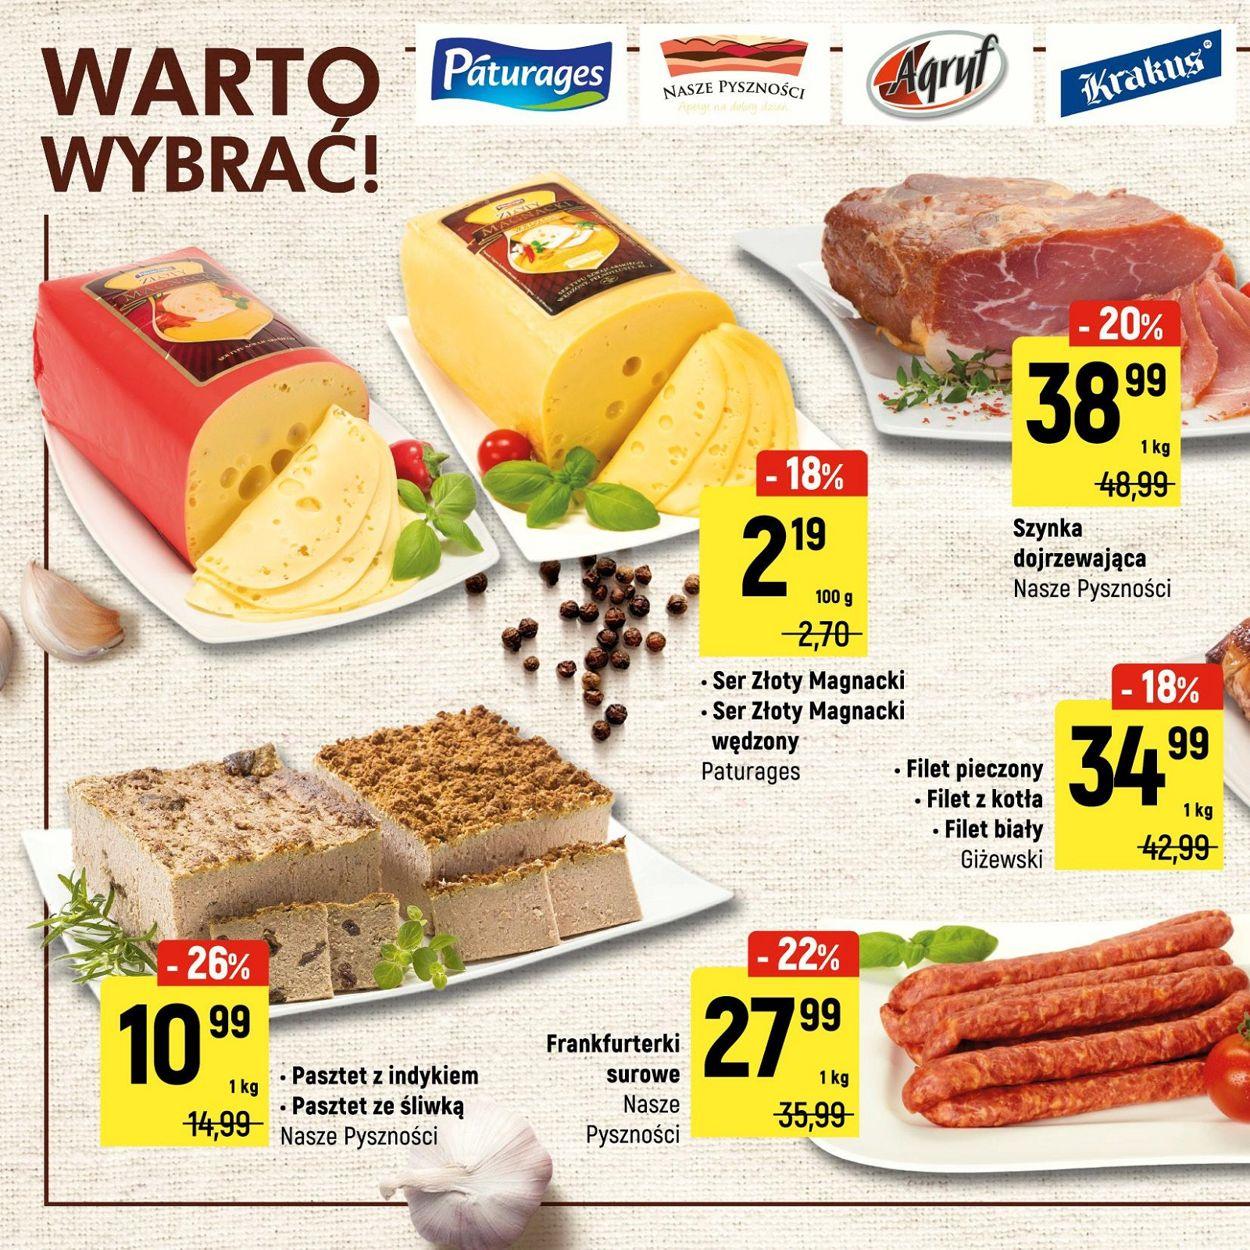 Gazetka promocyjna Intermarché - 16.02-01.03.2021 (Strona 2)